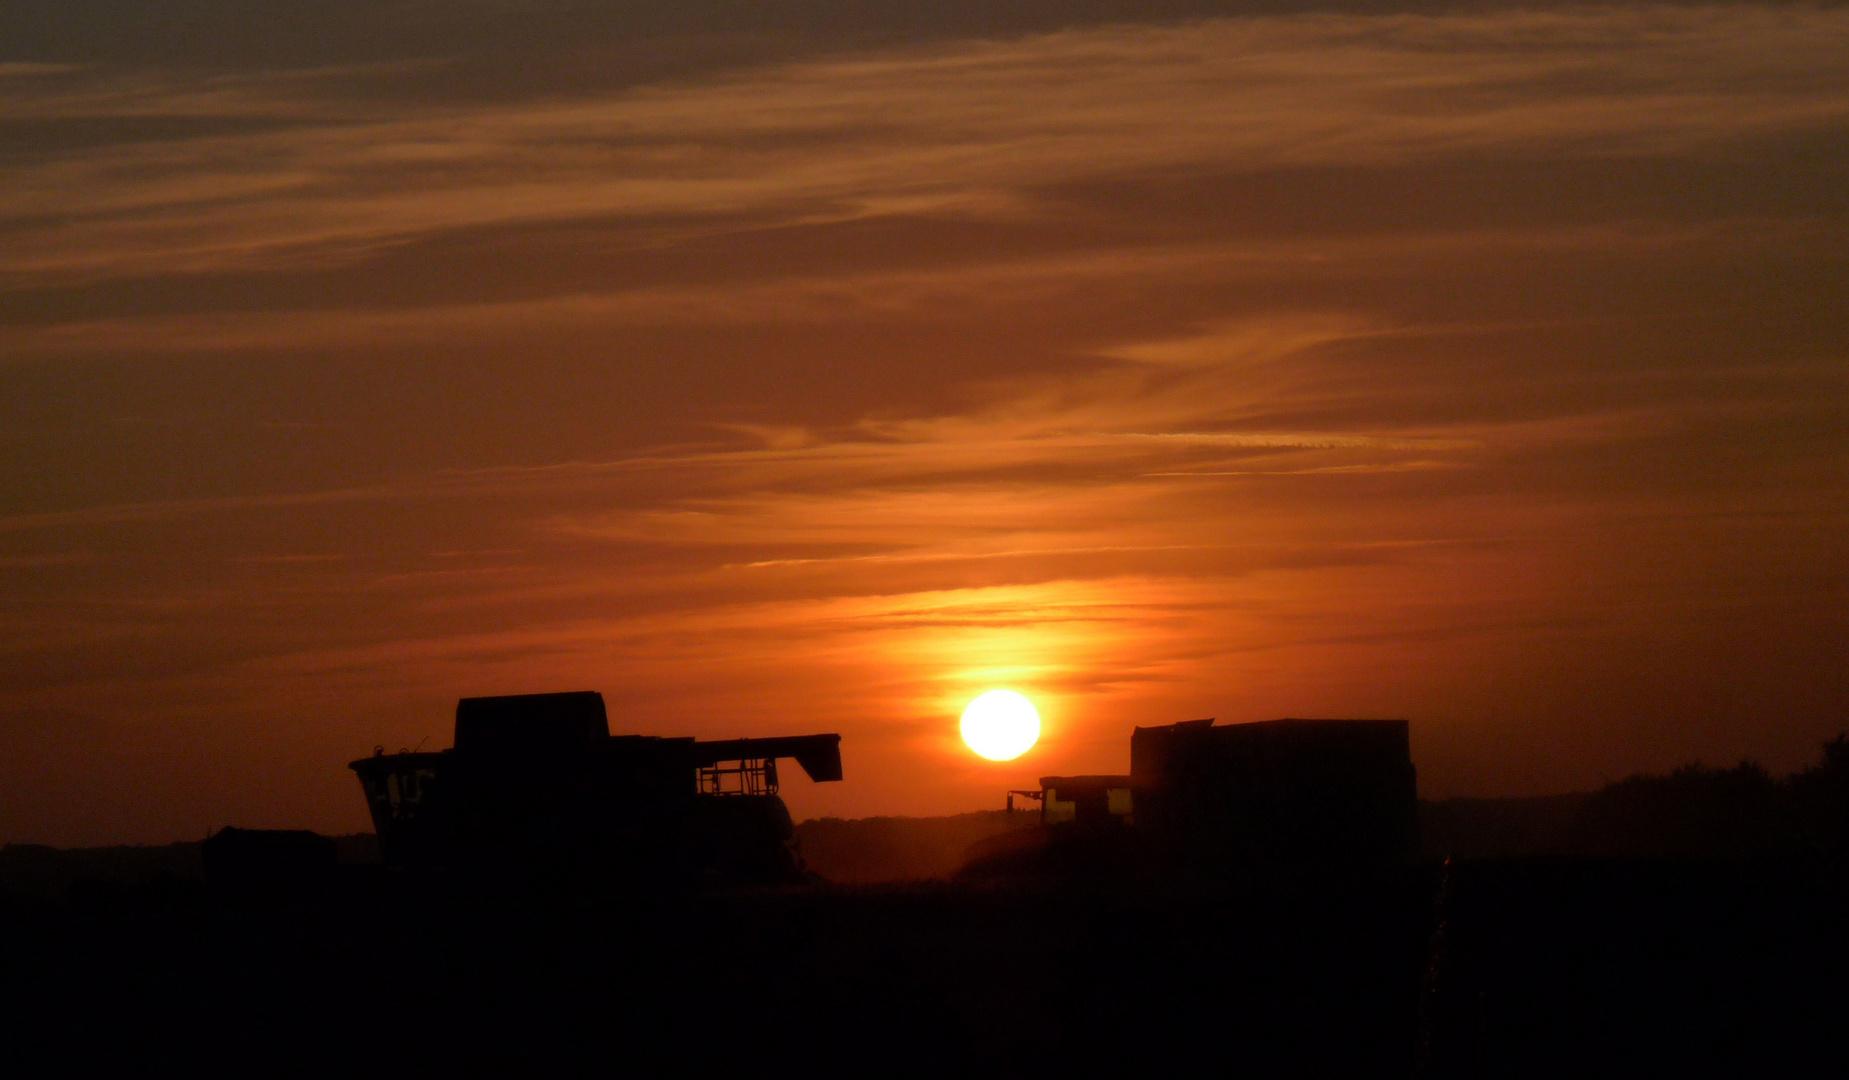 Moissonneuses-Batteuses au soleil couchant.